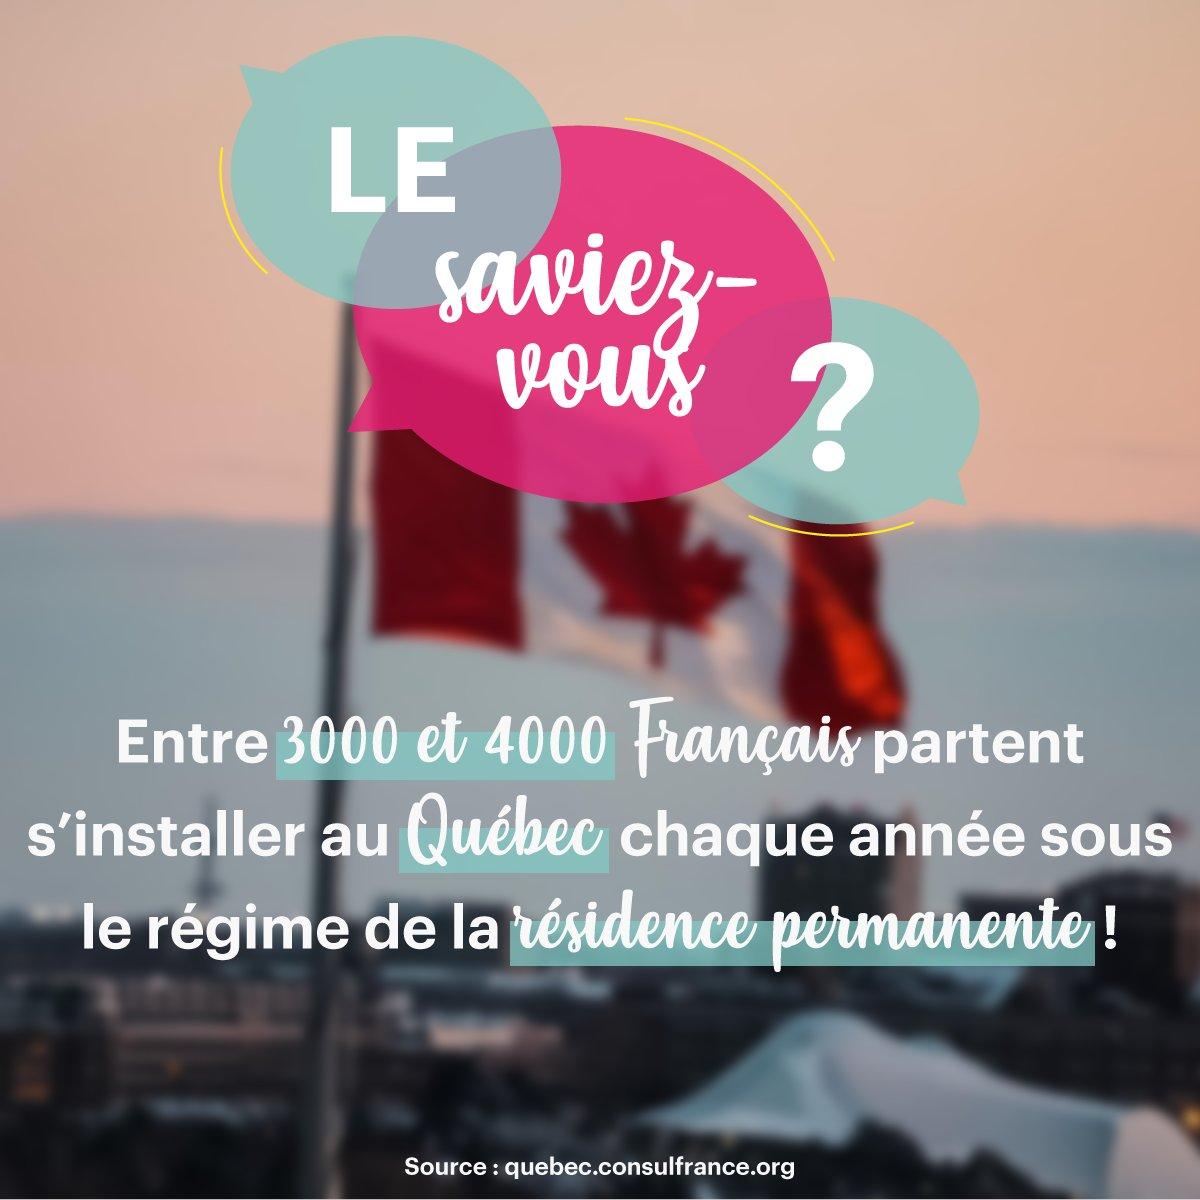 Le #Québec est une province du Canada qui accueille un grand nombre de Français chaque année. C'est une région dynamique où de nombreux secteurs recrutent : santé, informatique, administratif... 🇨🇦  🎥 + d'infos 👉 https://t.co/MhoeimvSZV  #MDM2020 #métiers #formations https://t.co/S7z17bm6VT